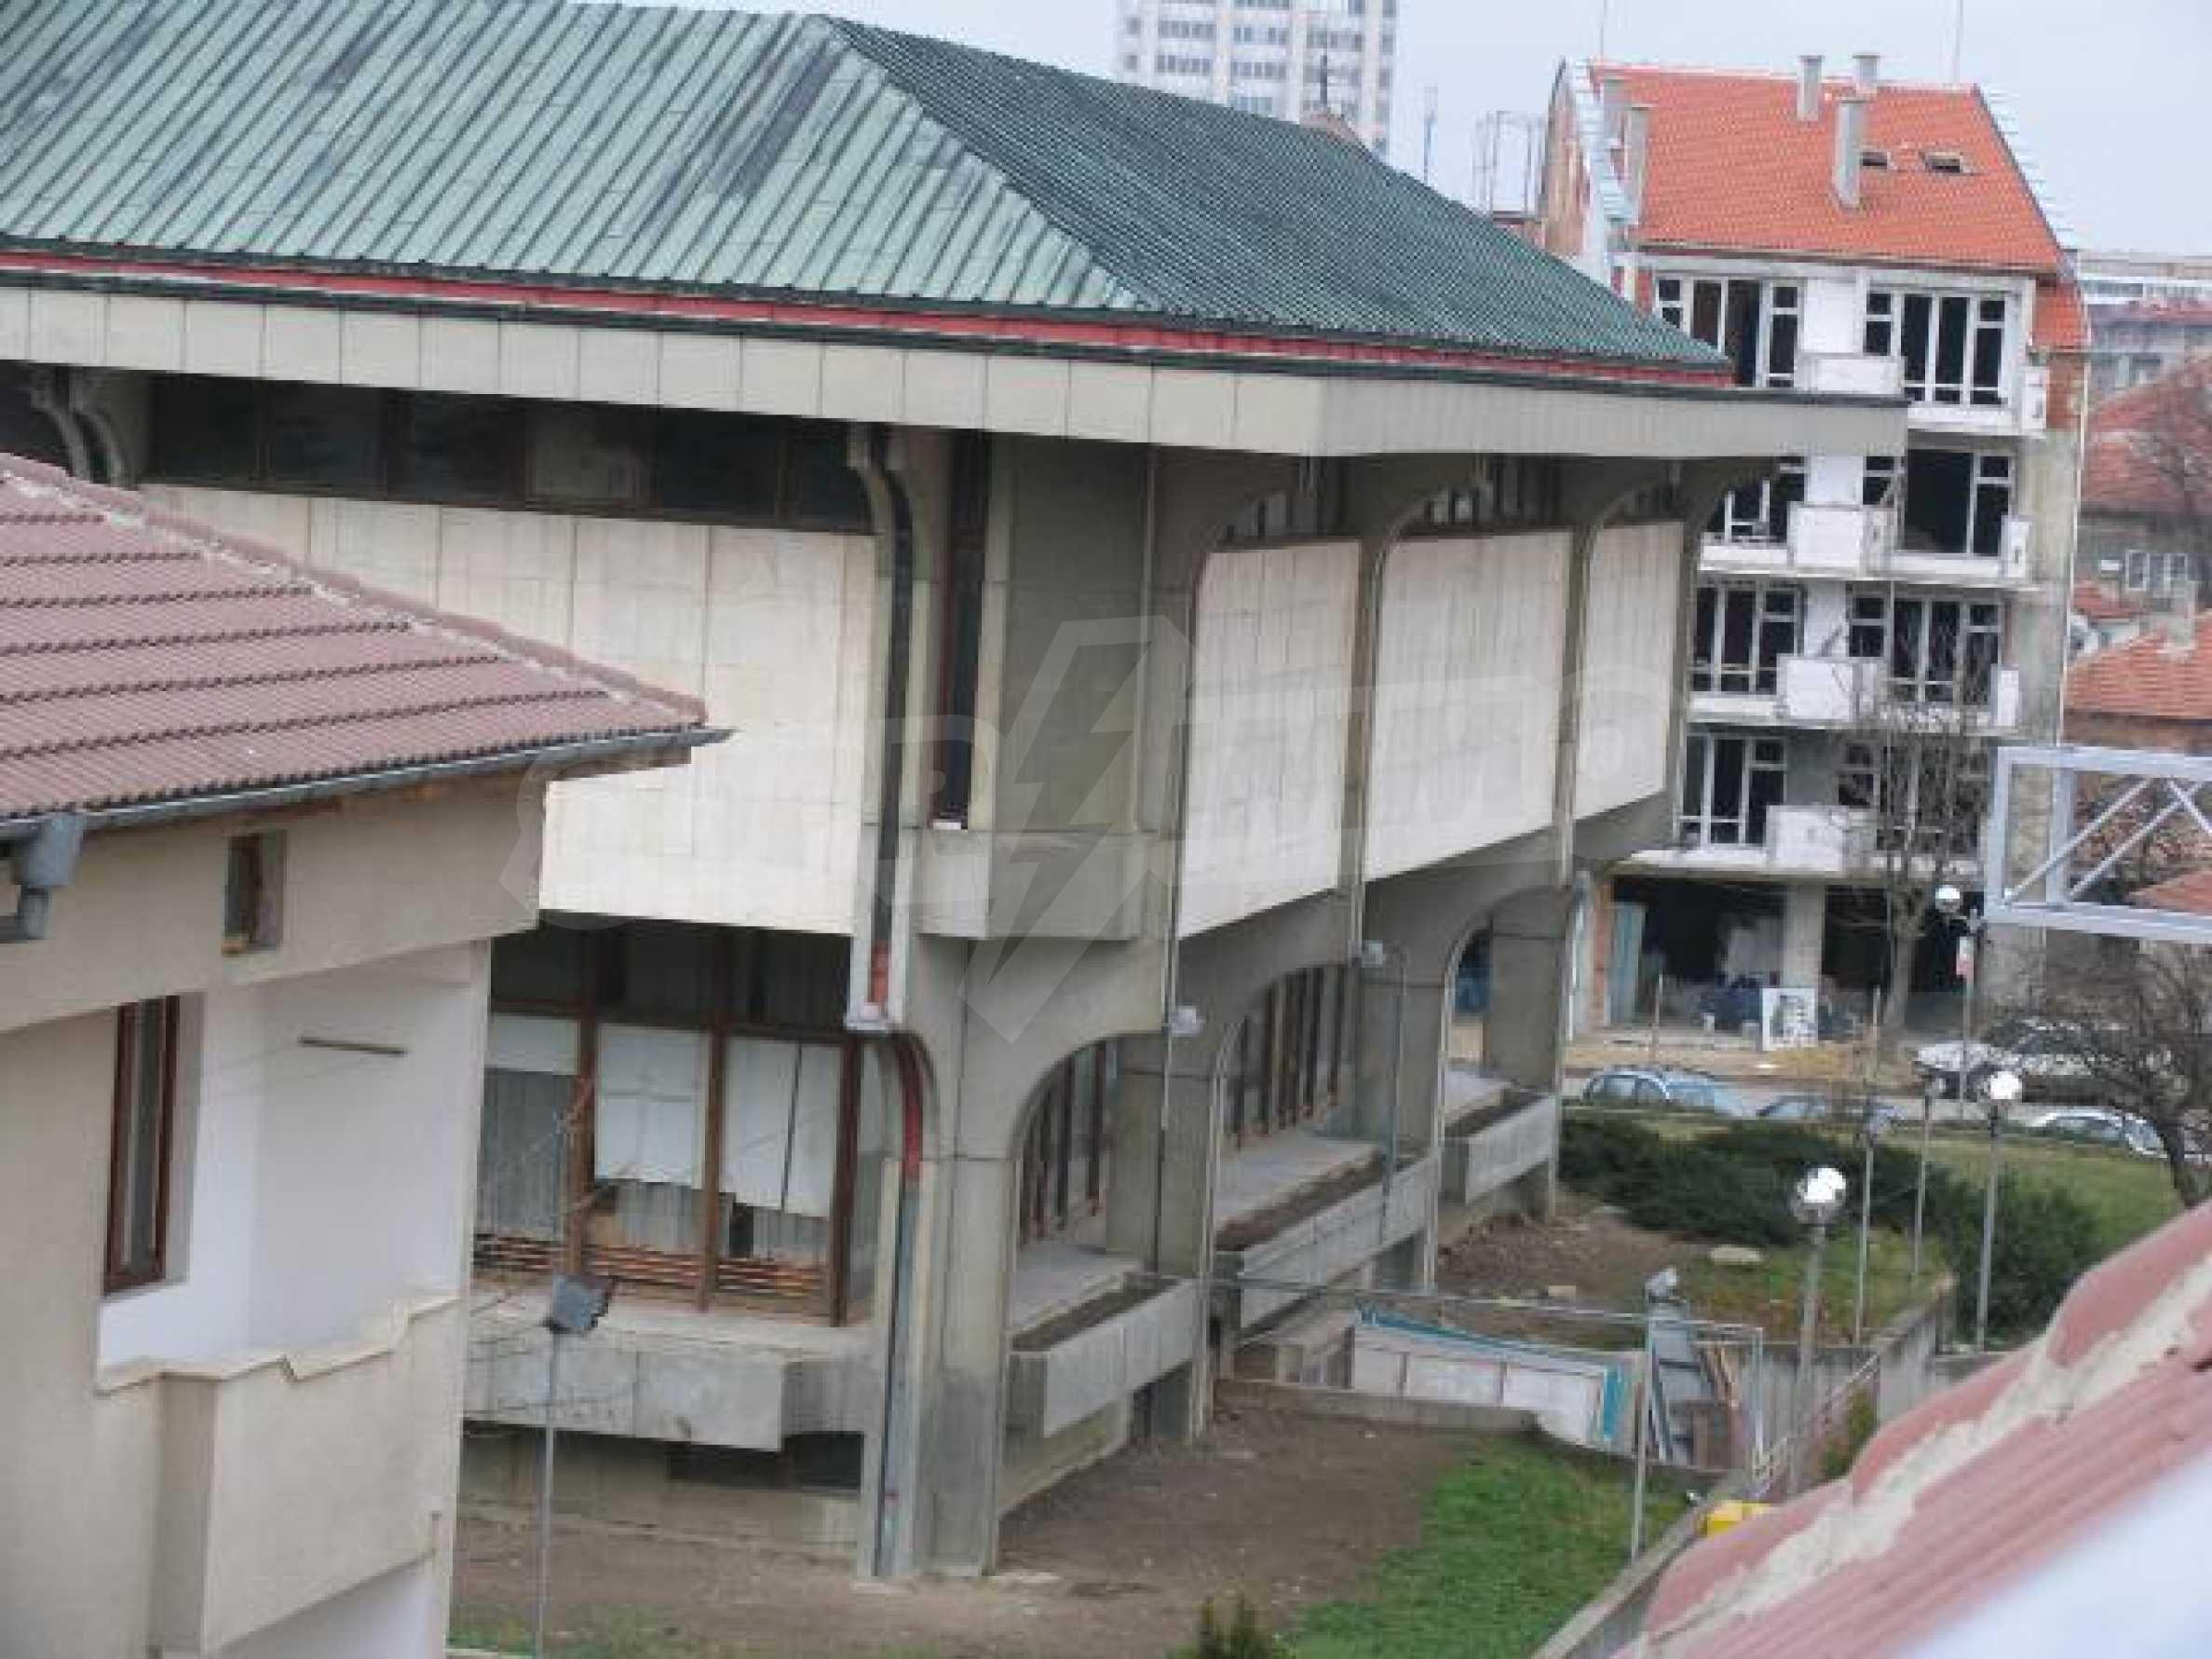 Тристаен апартамент в идеалния център на гр. Добрич 22